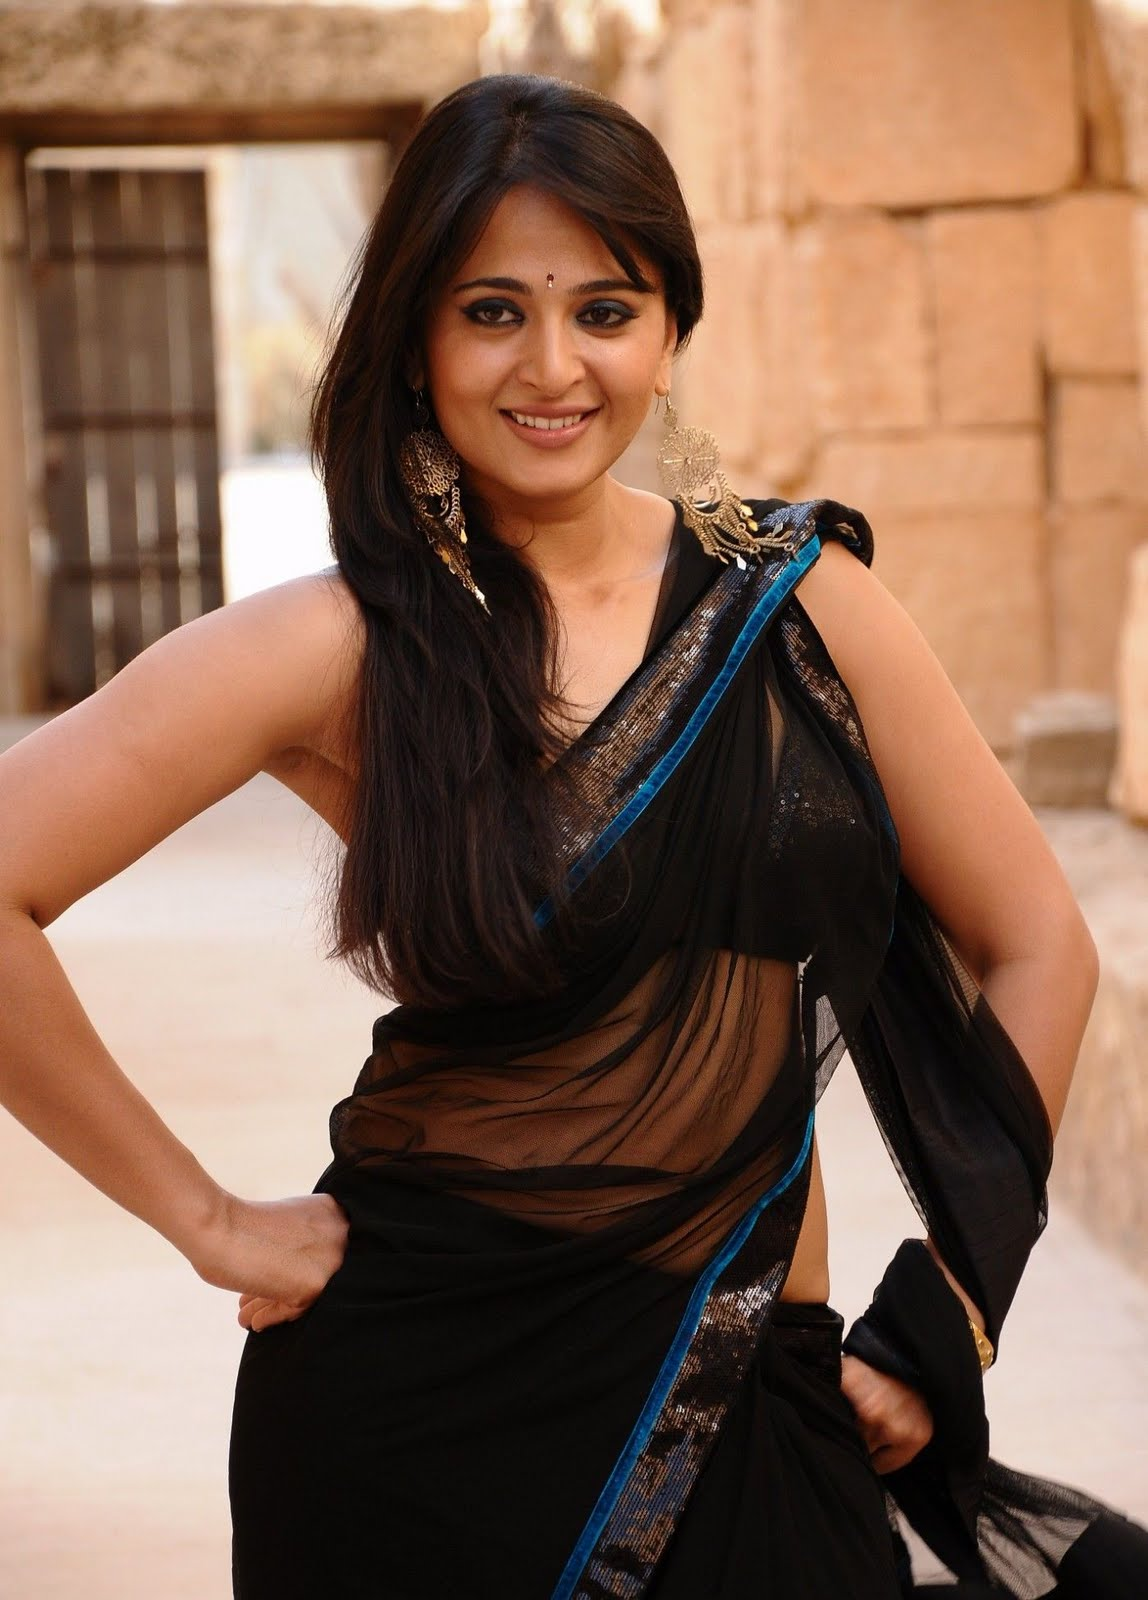 Anushka Shetty hot - Google Search | Most beautiful indian